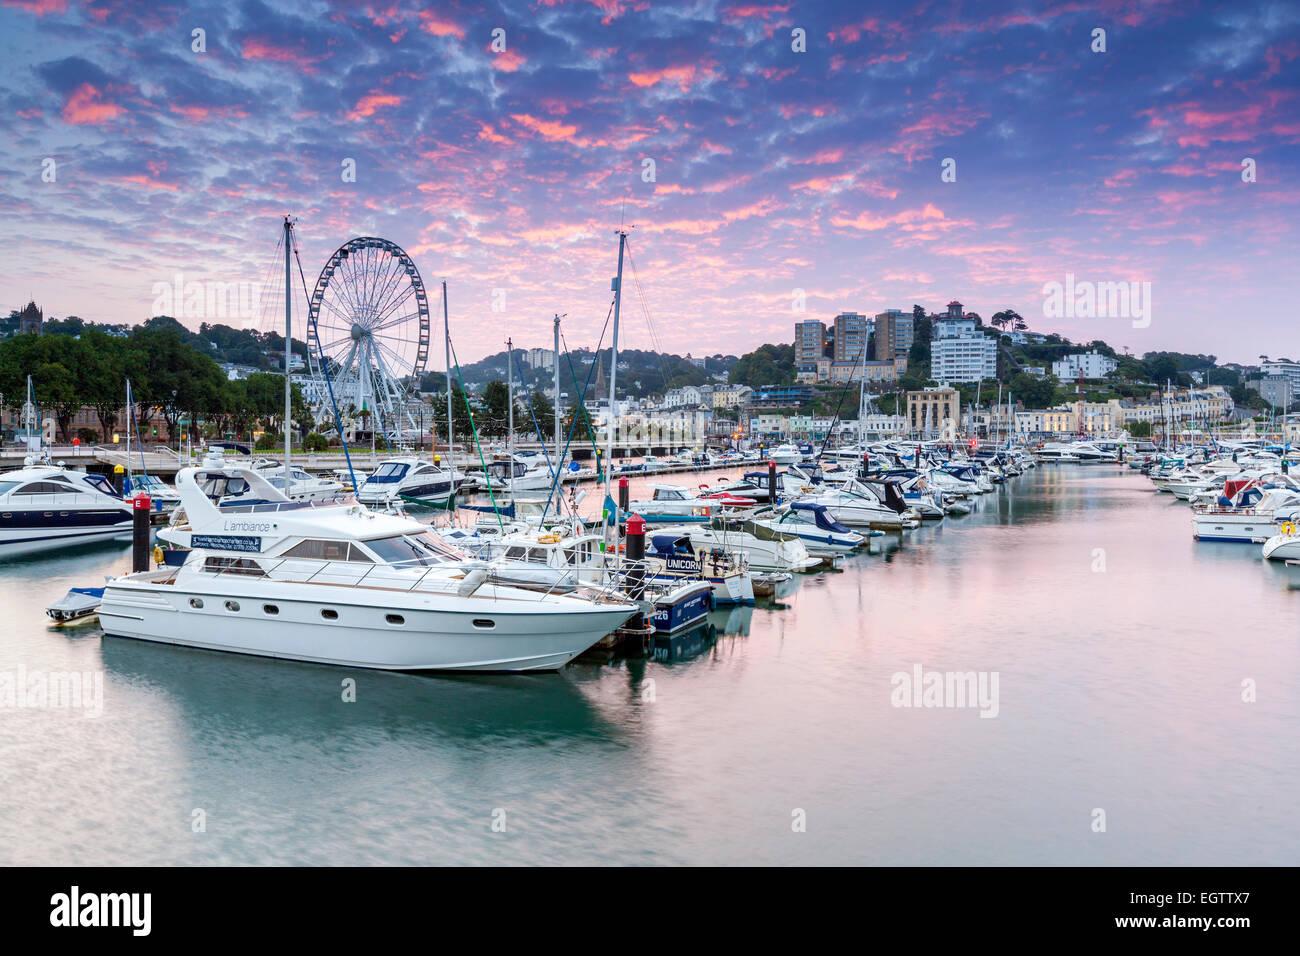 Stadt und Hafen, Torquay, Devon, England, Vereinigtes Königreich, Europa. Stockbild